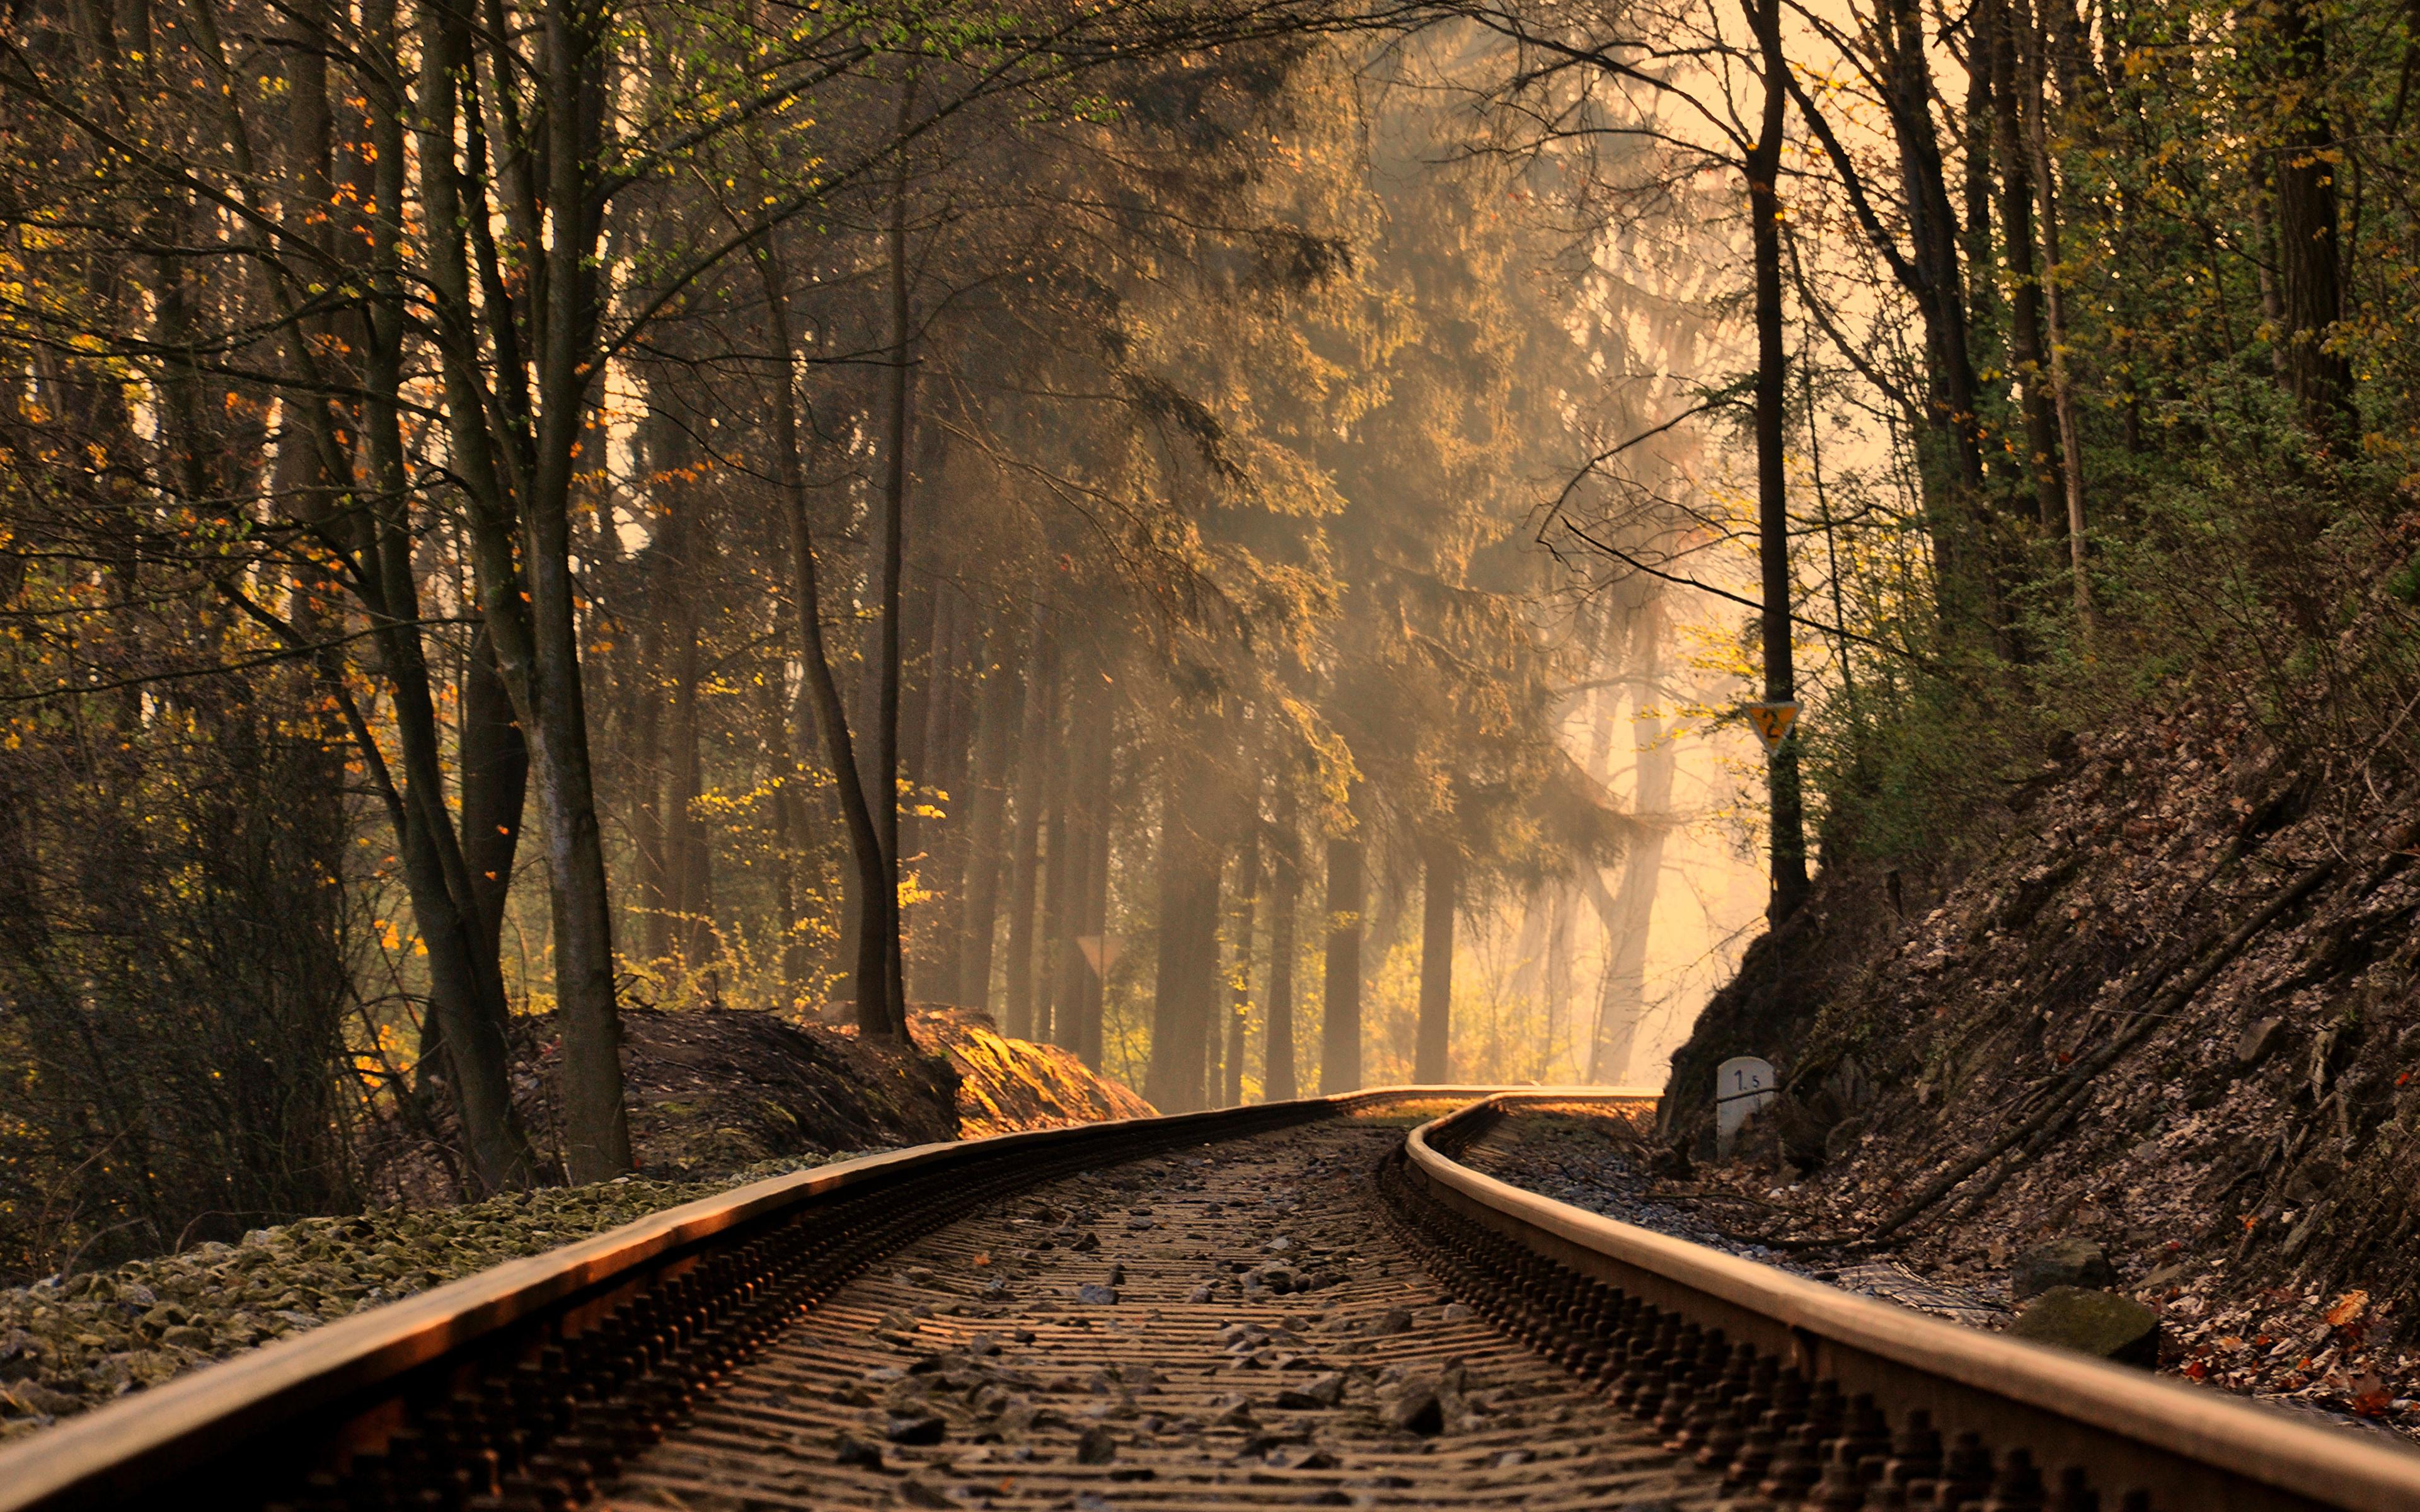 рельсы железная дорога деревья туннель  № 3118404 без смс